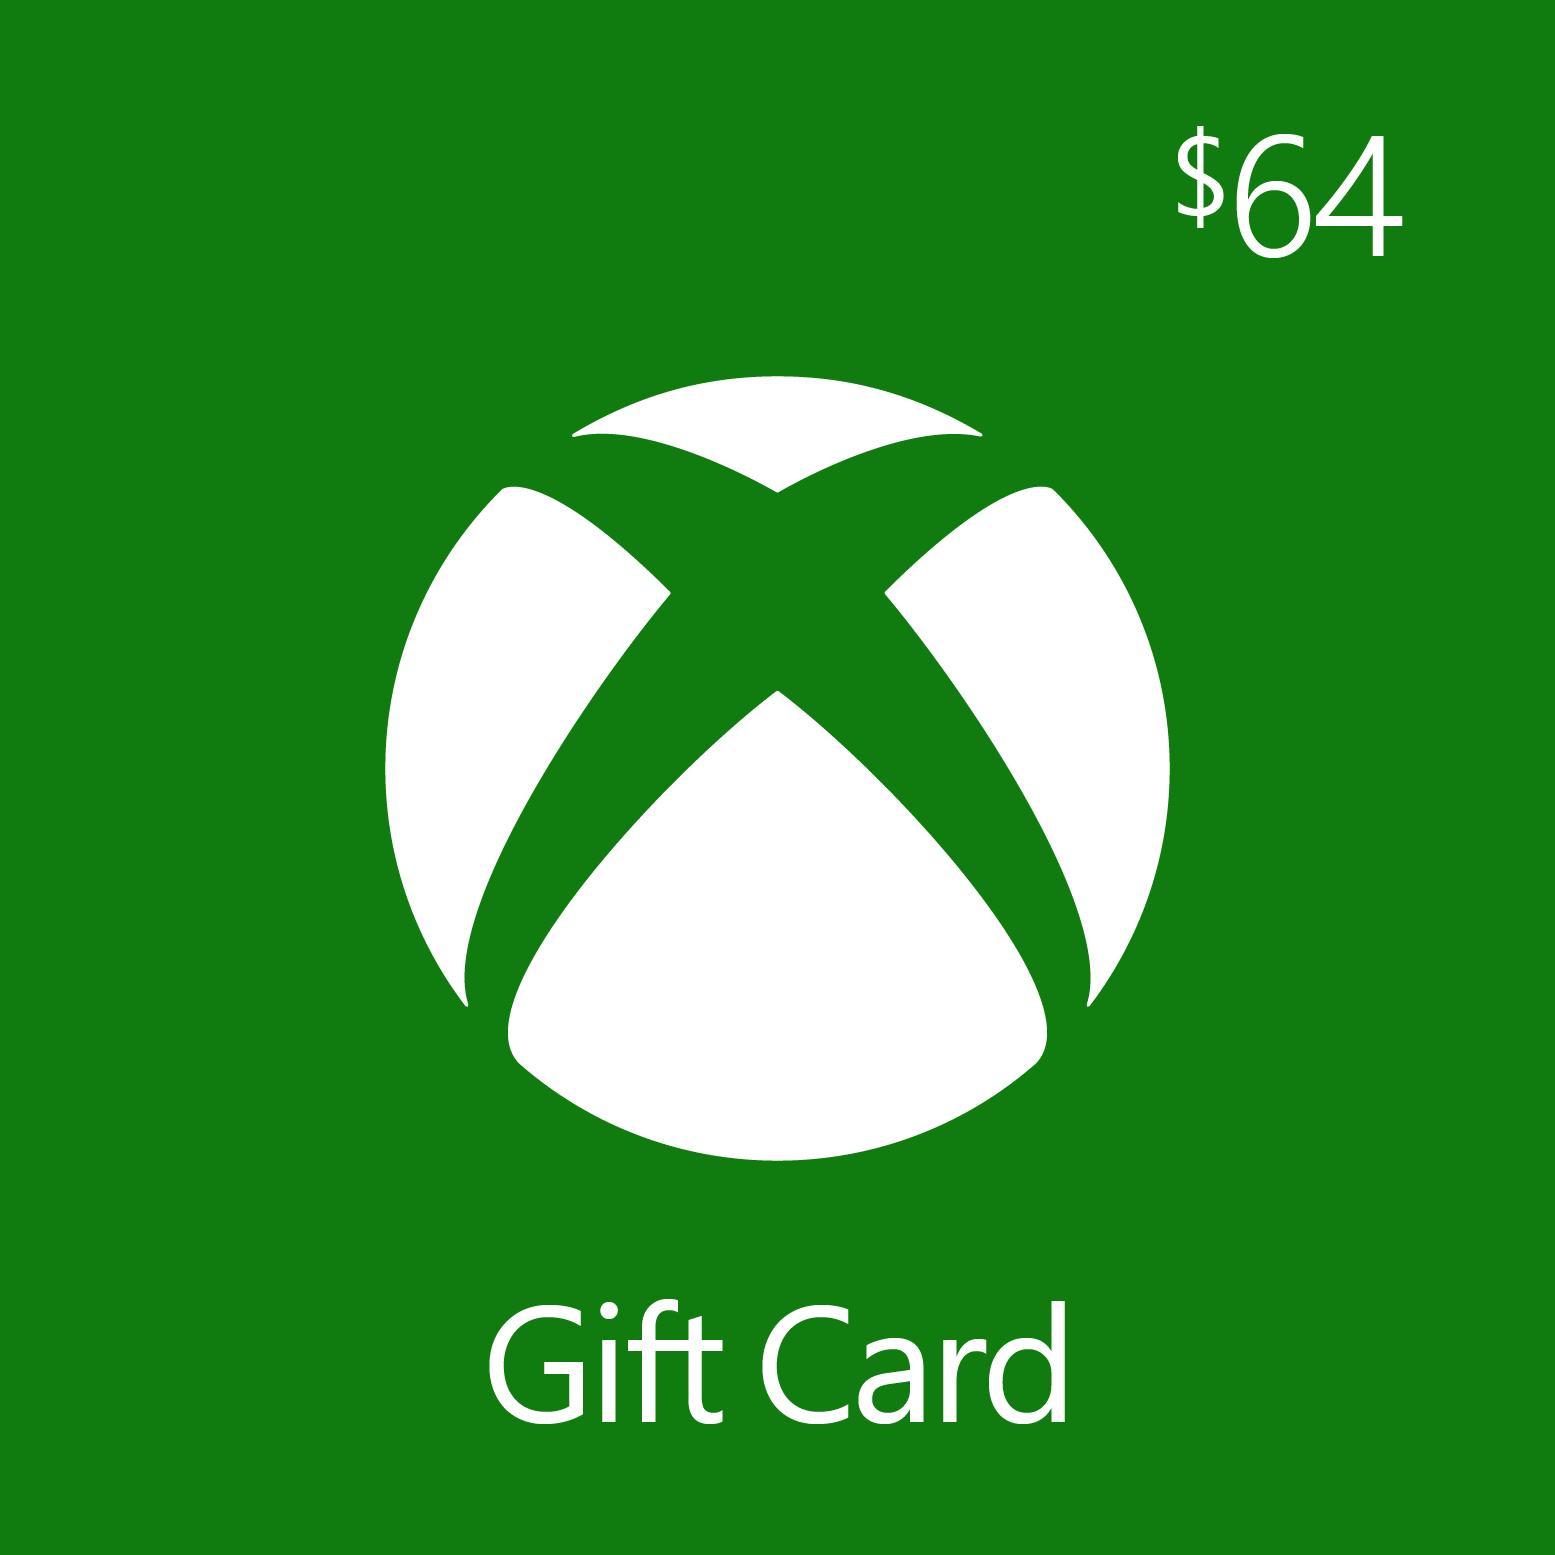 $64.00 Xbox Digital Gift Card